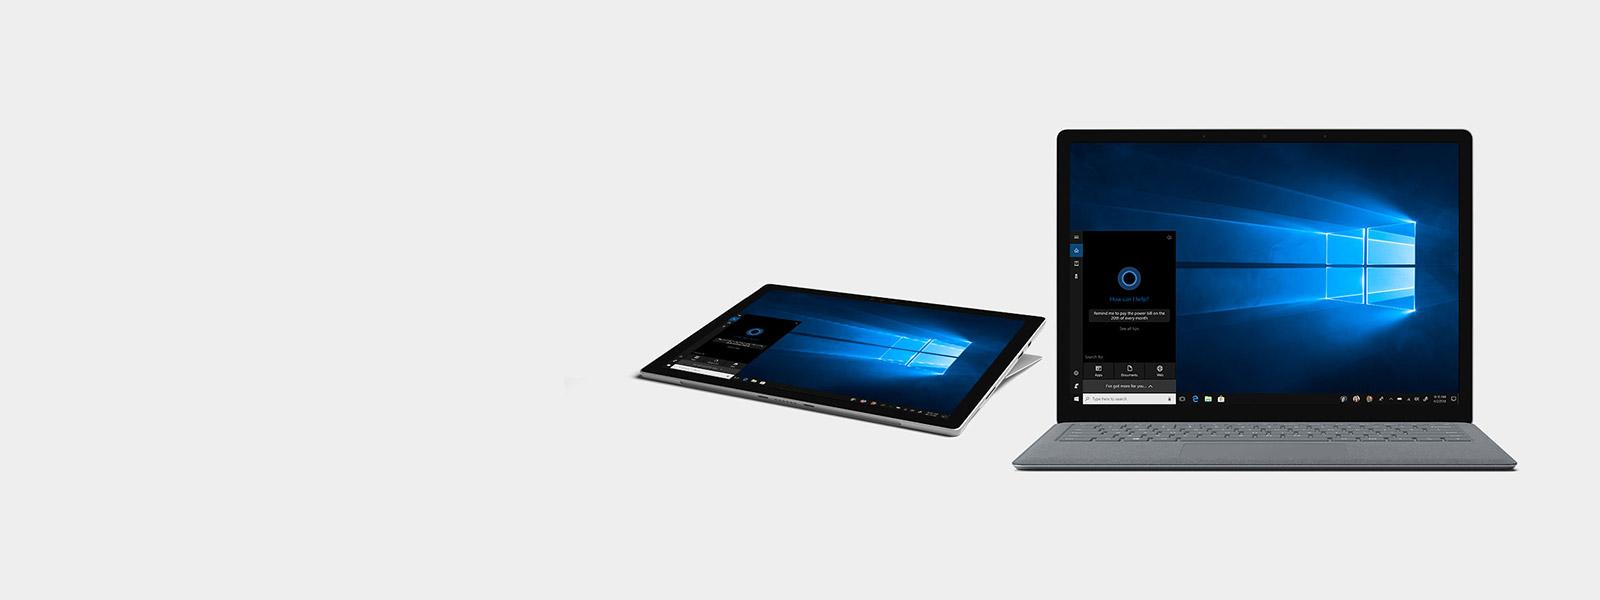 微软认证翻新 Surface